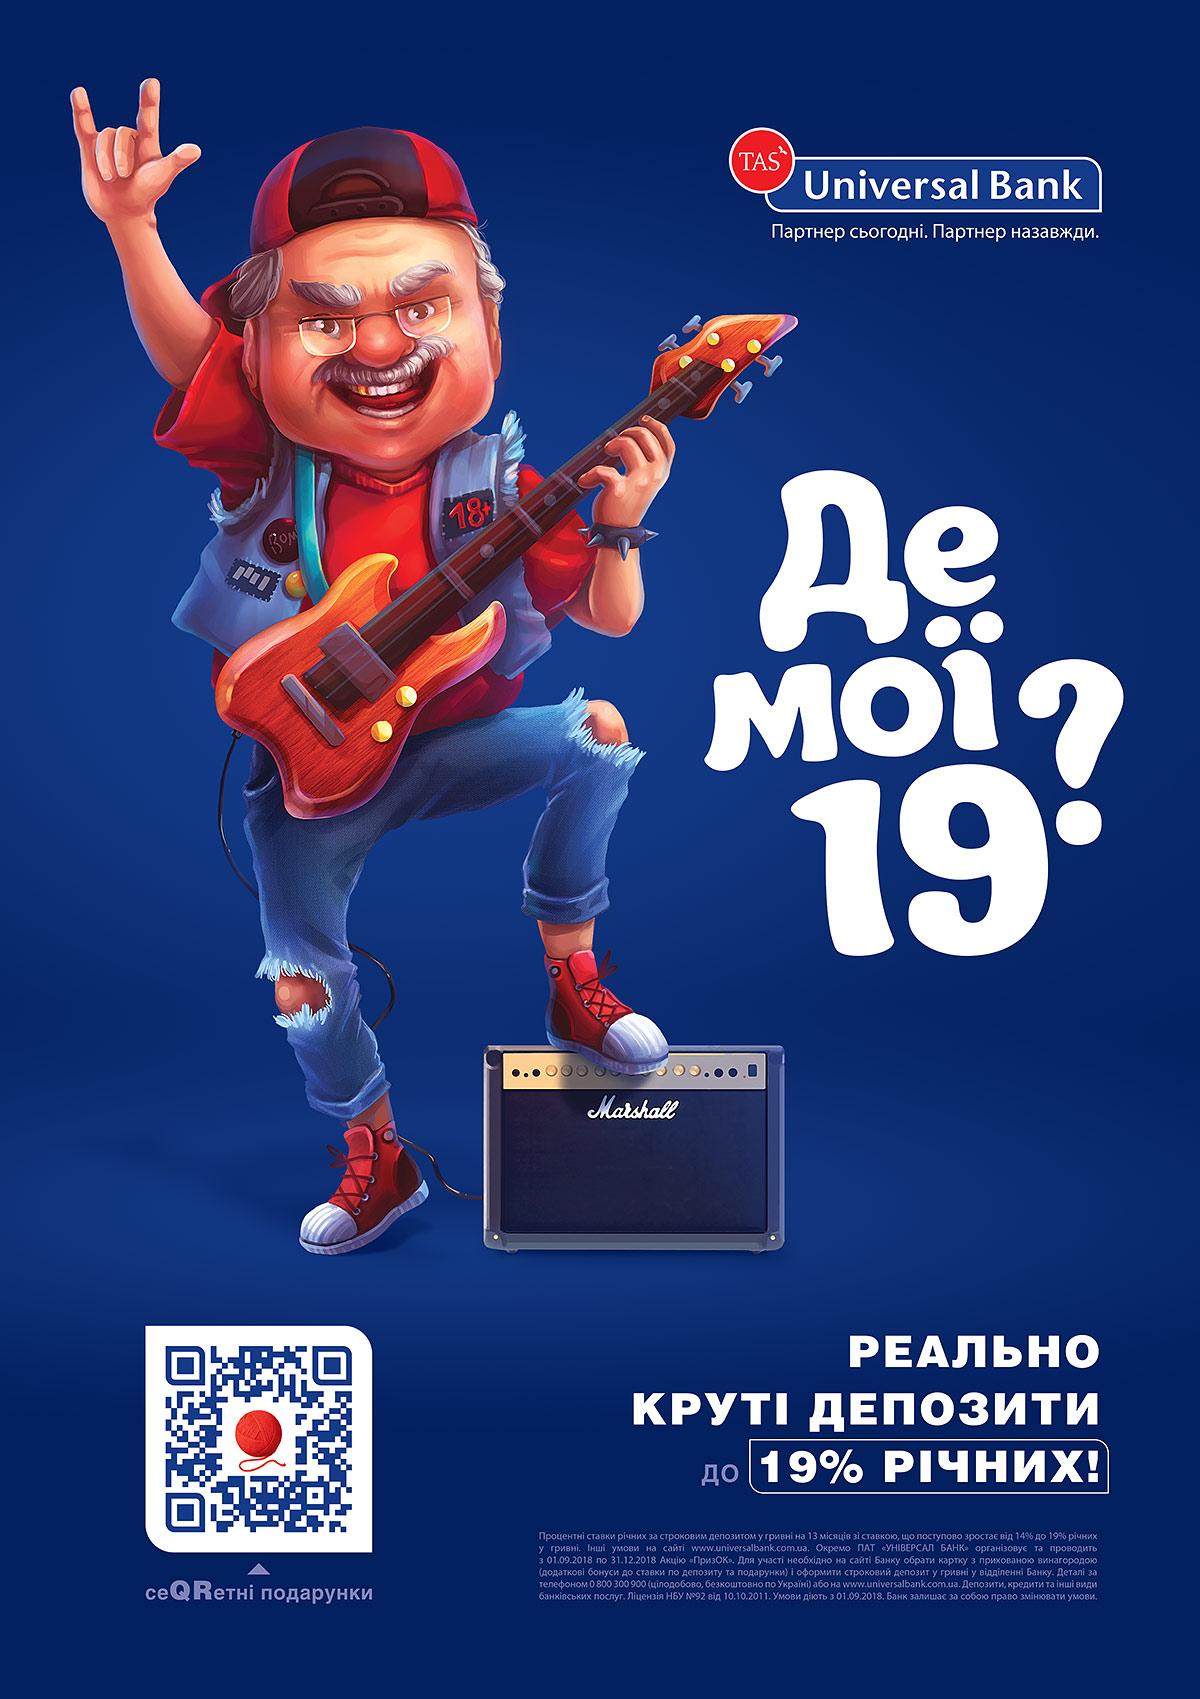 Рекламный плакат для отделения банка Universal Bank (Универсал Банк). Креативный дизайн плаката и крутые депозиты. Дед рокер с гитарой.